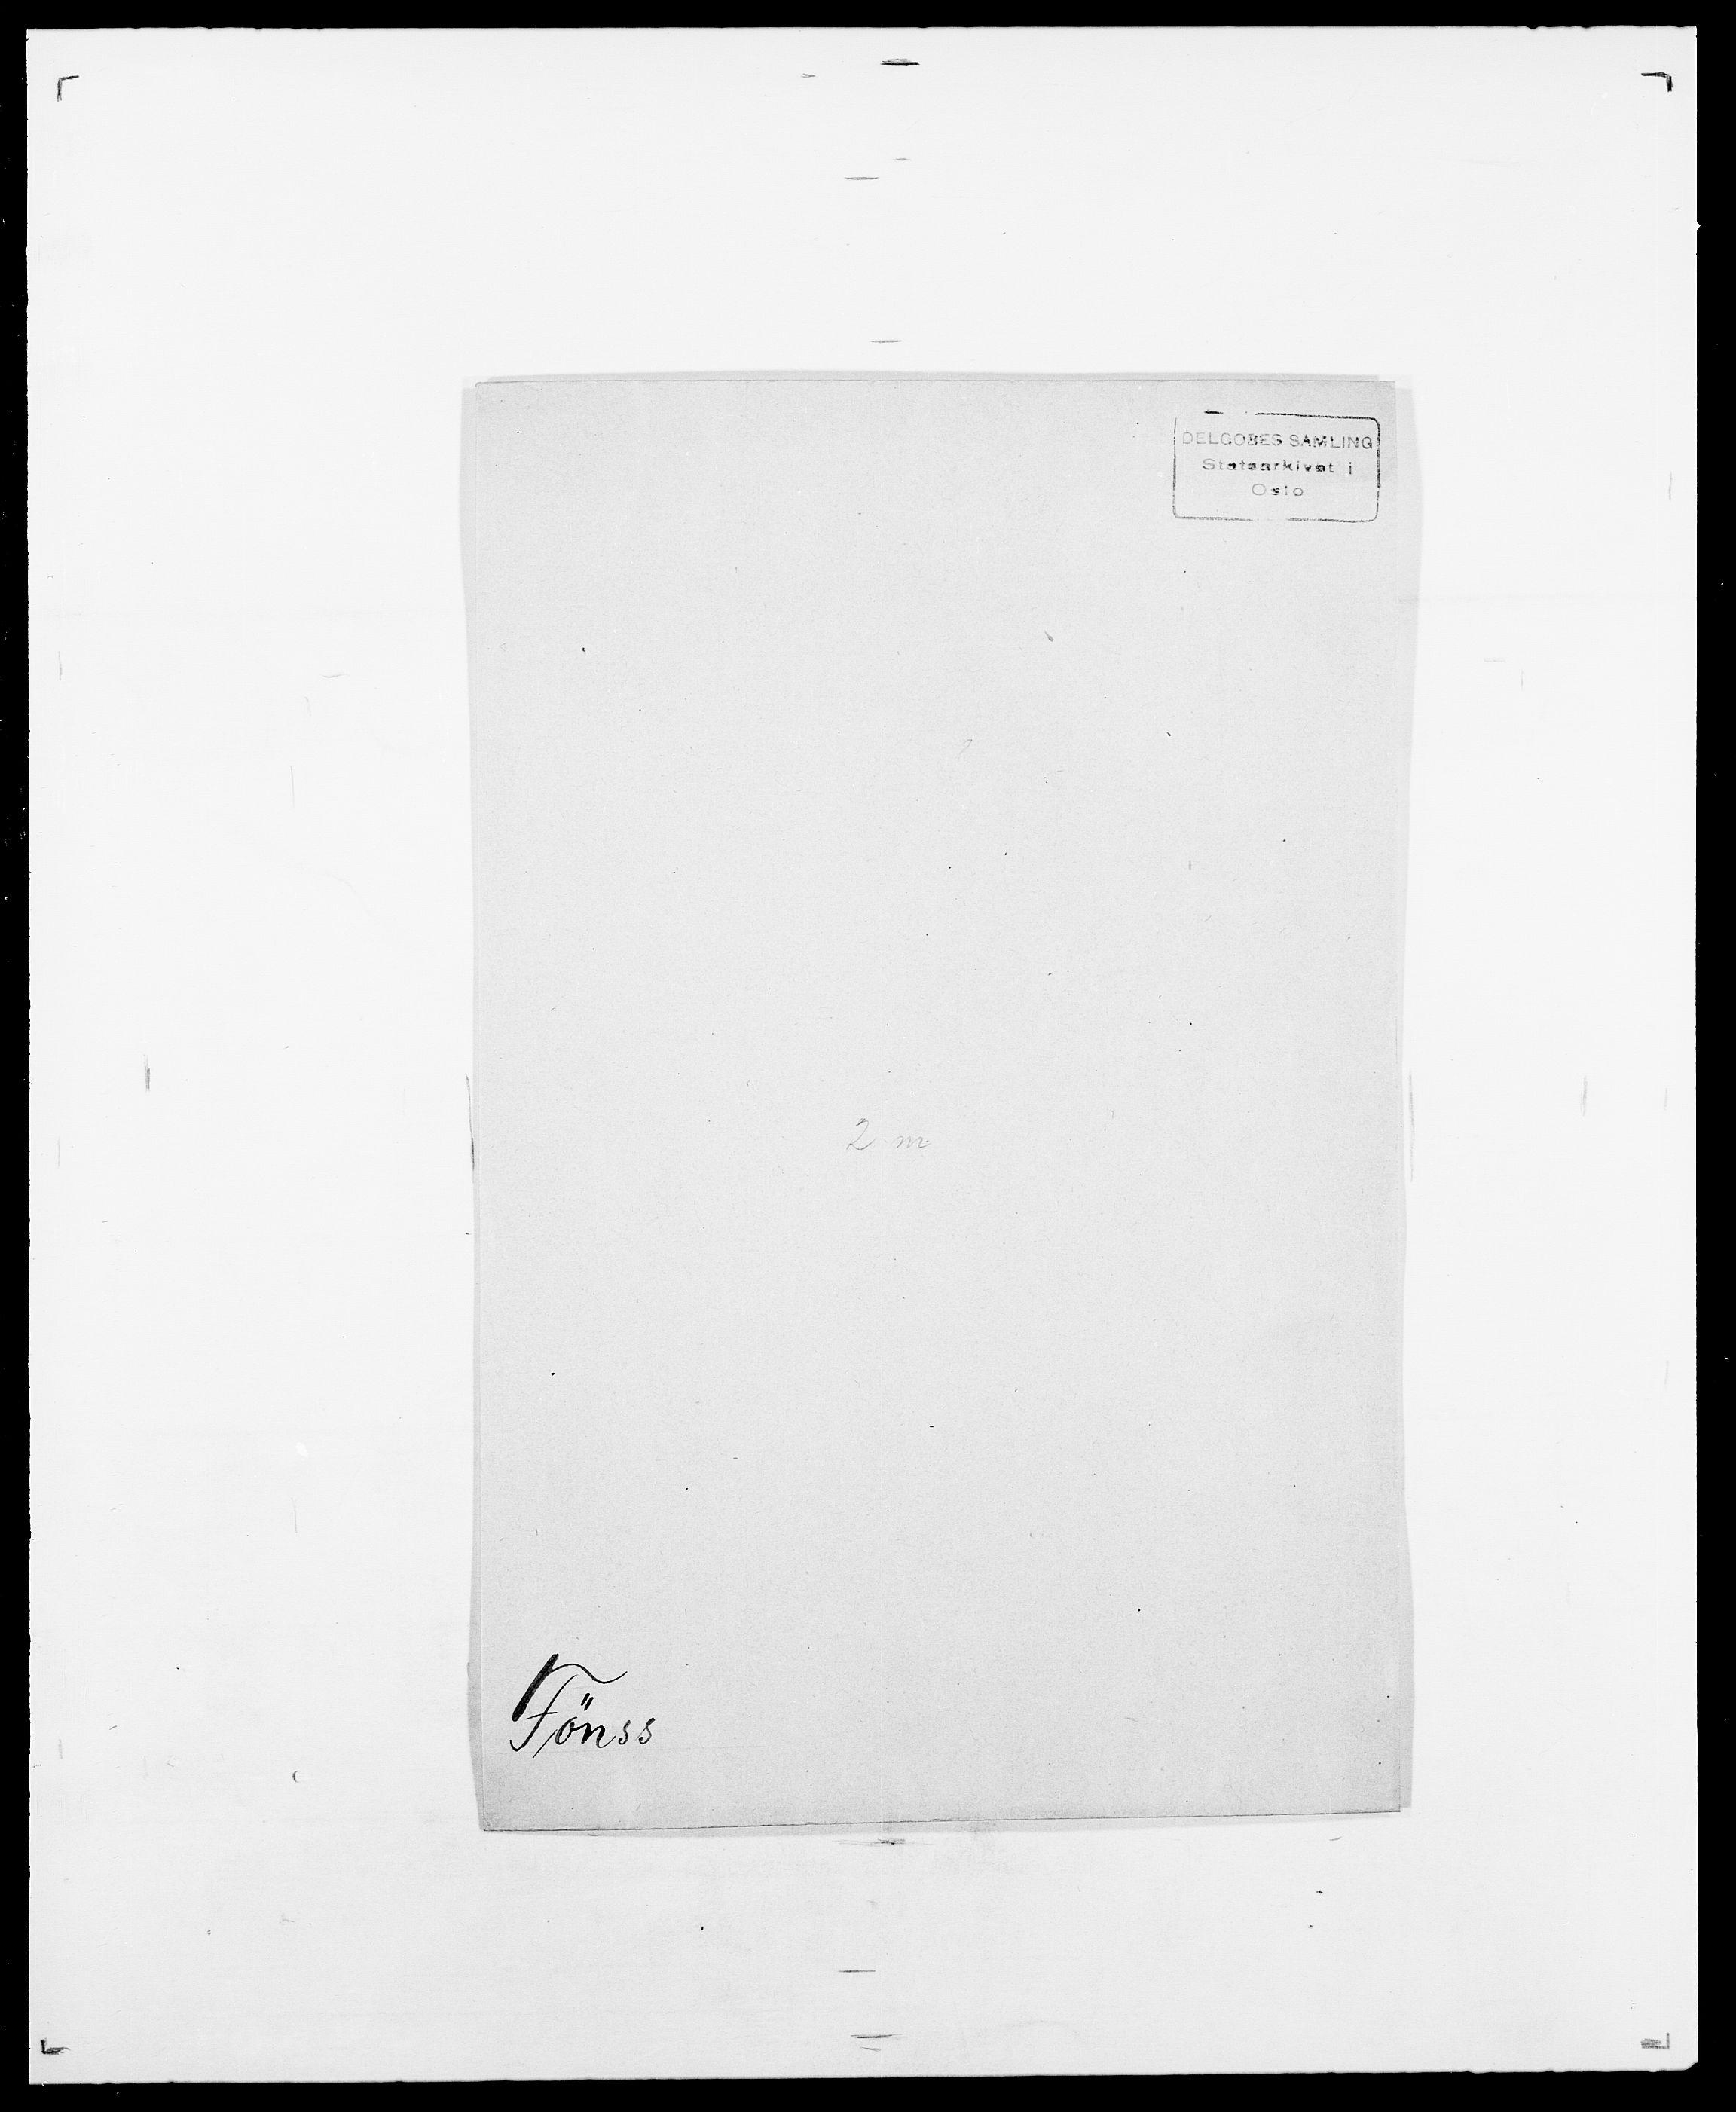 SAO, Delgobe, Charles Antoine - samling, D/Da/L0013: Forbos - Geving, s. 290